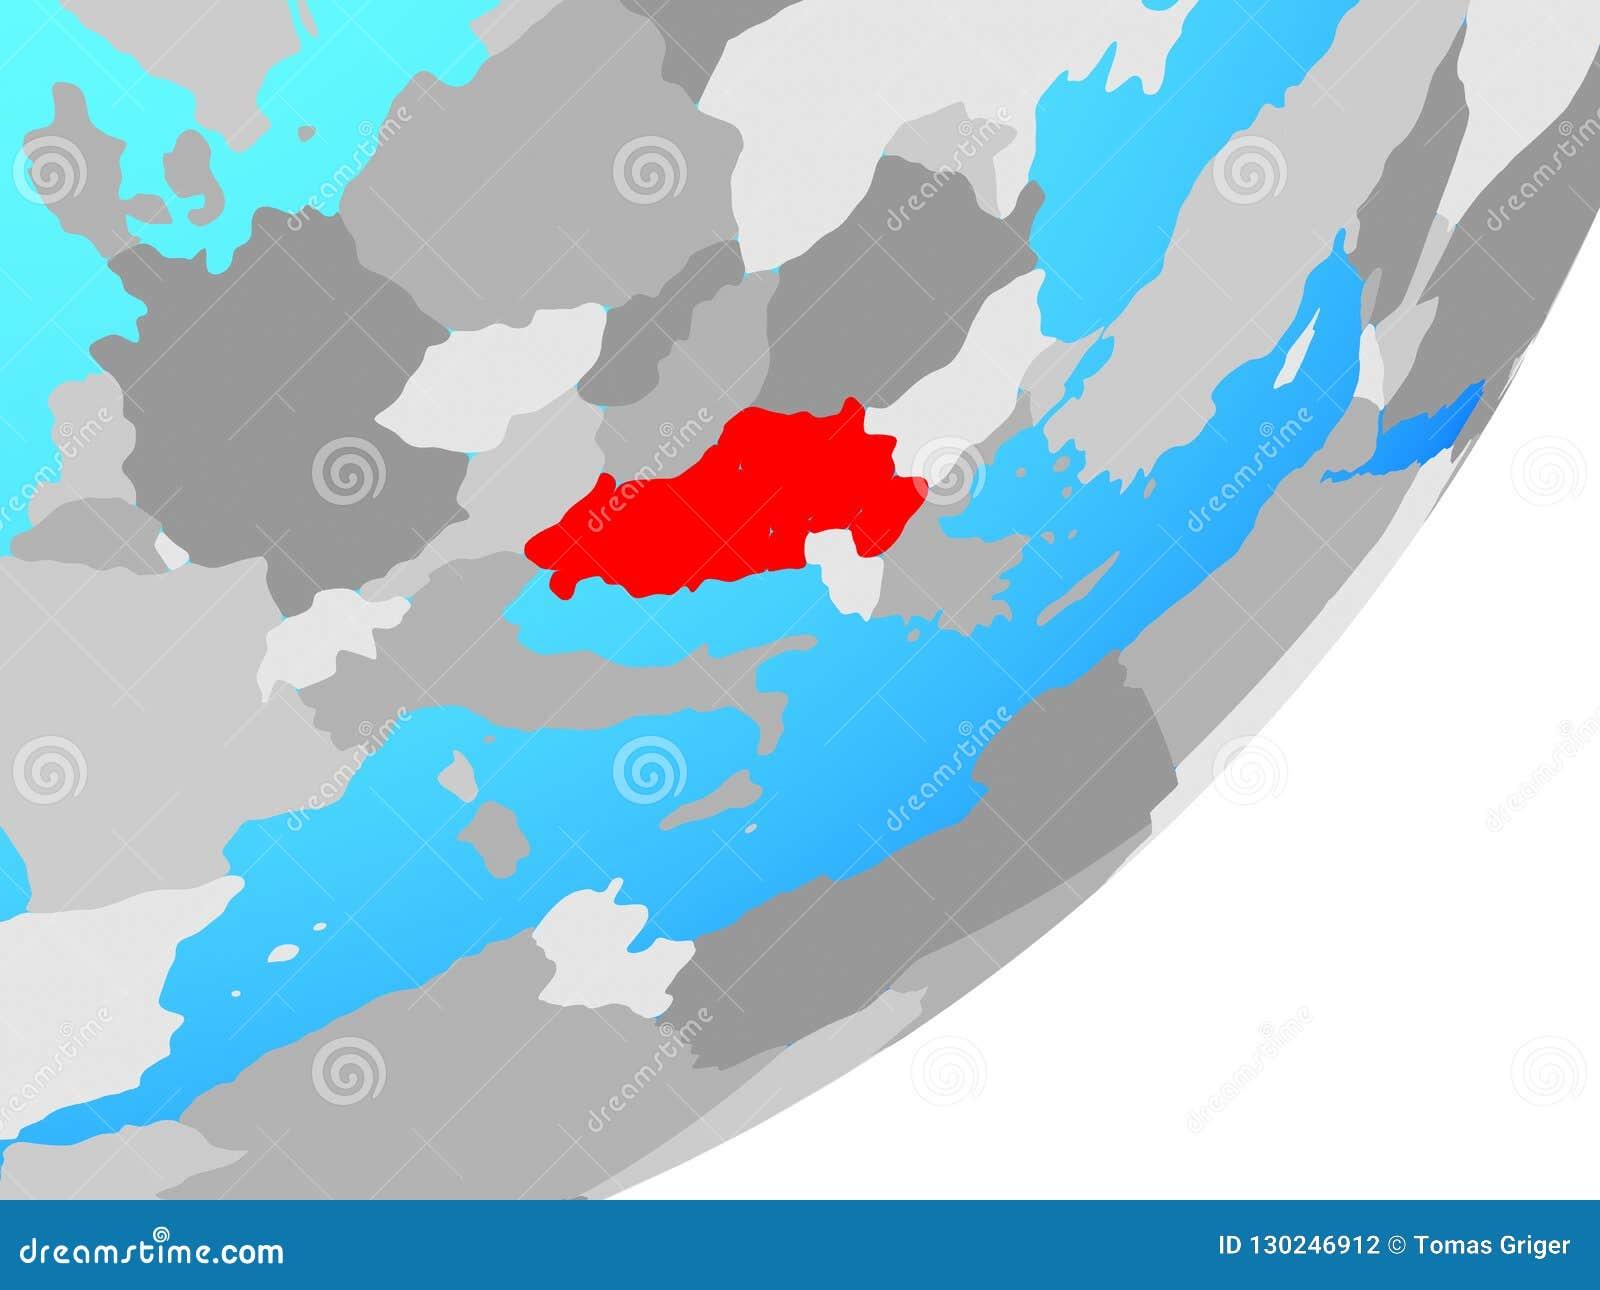 Jugoslawien Karte.Karte Von Jugoslawien Auf Kugel Stock Abbildung Illustration Von